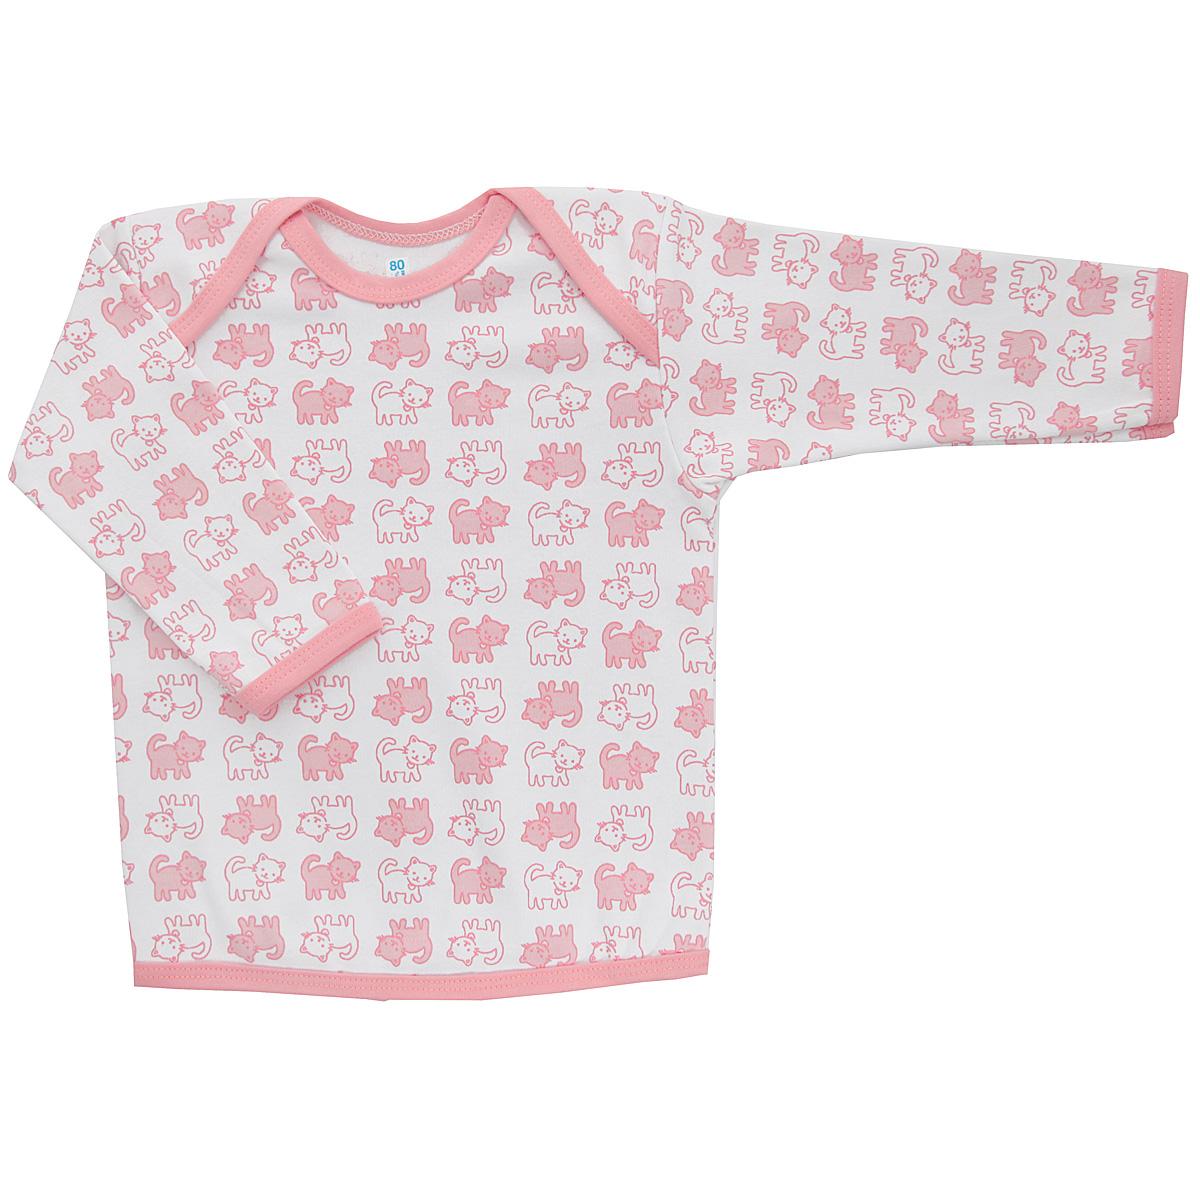 Футболка5611_котенокУдобная детская футболка Трон-плюс с длинными рукавами послужит идеальным дополнением к гардеробу вашего ребенка, обеспечивая ему наибольший комфорт. Изготовленная из интерлока - натурального хлопка, она необычайно мягкая и легкая, не раздражает нежную кожу ребенка и хорошо вентилируется, а эластичные швы приятны телу ребенка и не препятствуют его движениям. Удобные запахи на плечах помогают легко переодеть младенца. Горловина, низ модели и низ рукавов дополнены трикотажной бейкой. Спинка модели незначительно укорочена. Оформлено изделие принтом с изображениями котенка. Футболка полностью соответствует особенностям жизни ребенка в ранний период, не стесняя и не ограничивая его в движениях.